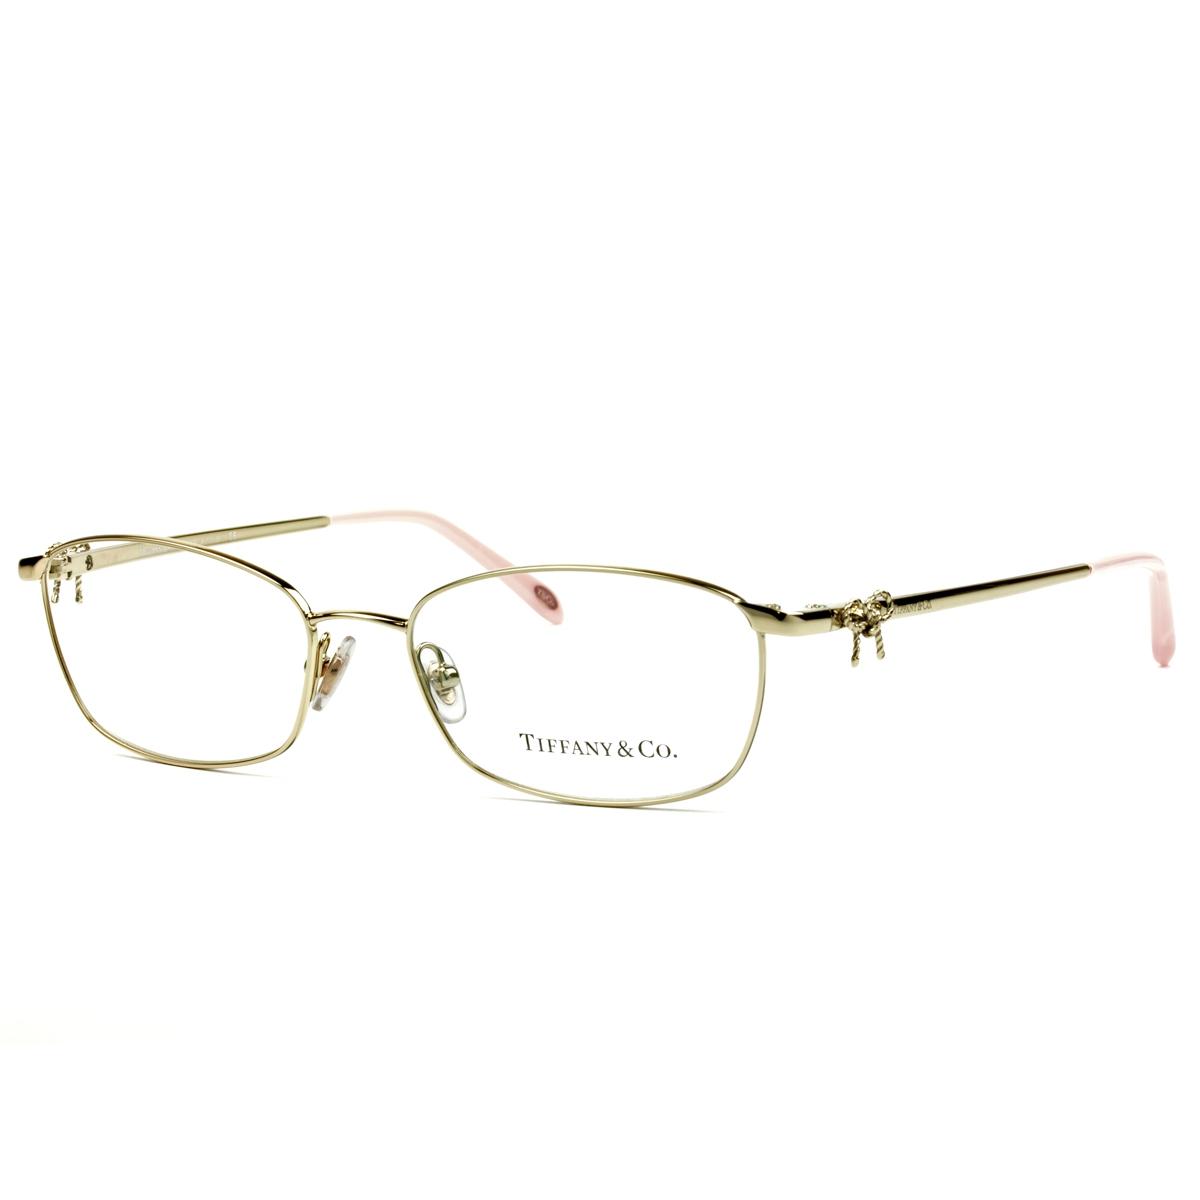 Tiffany Mod 1099. Armações Receituário  Materiais  Óculos de Grau Feminino   Óculos de Metal  Óculos Femininos. 1099-6021-50 1 1200 a844034895